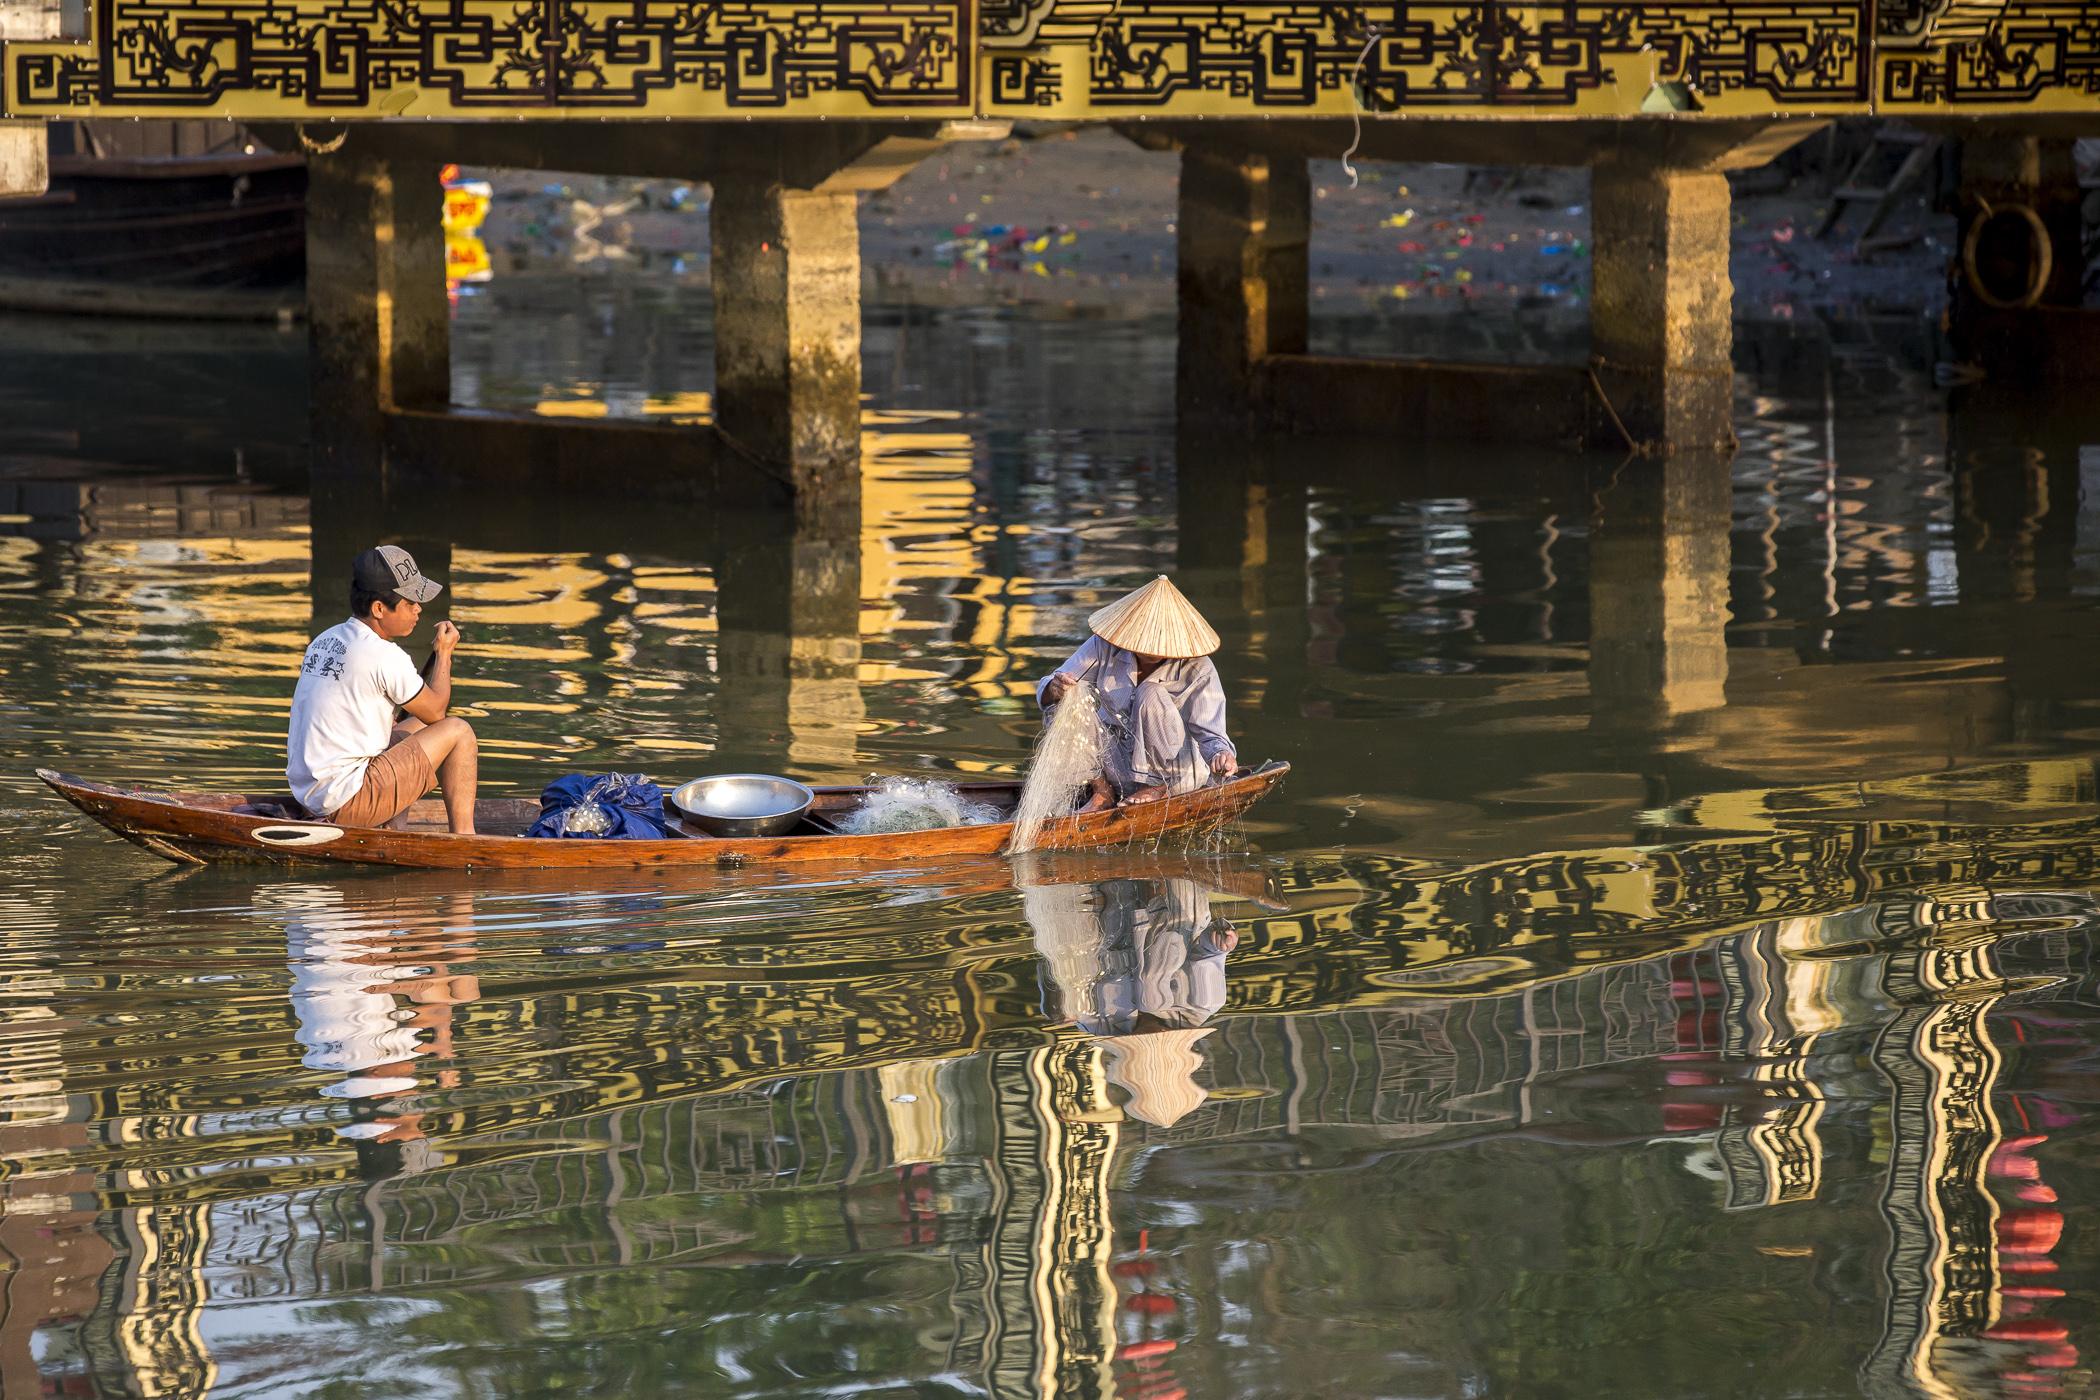 Vietnam_Images-014